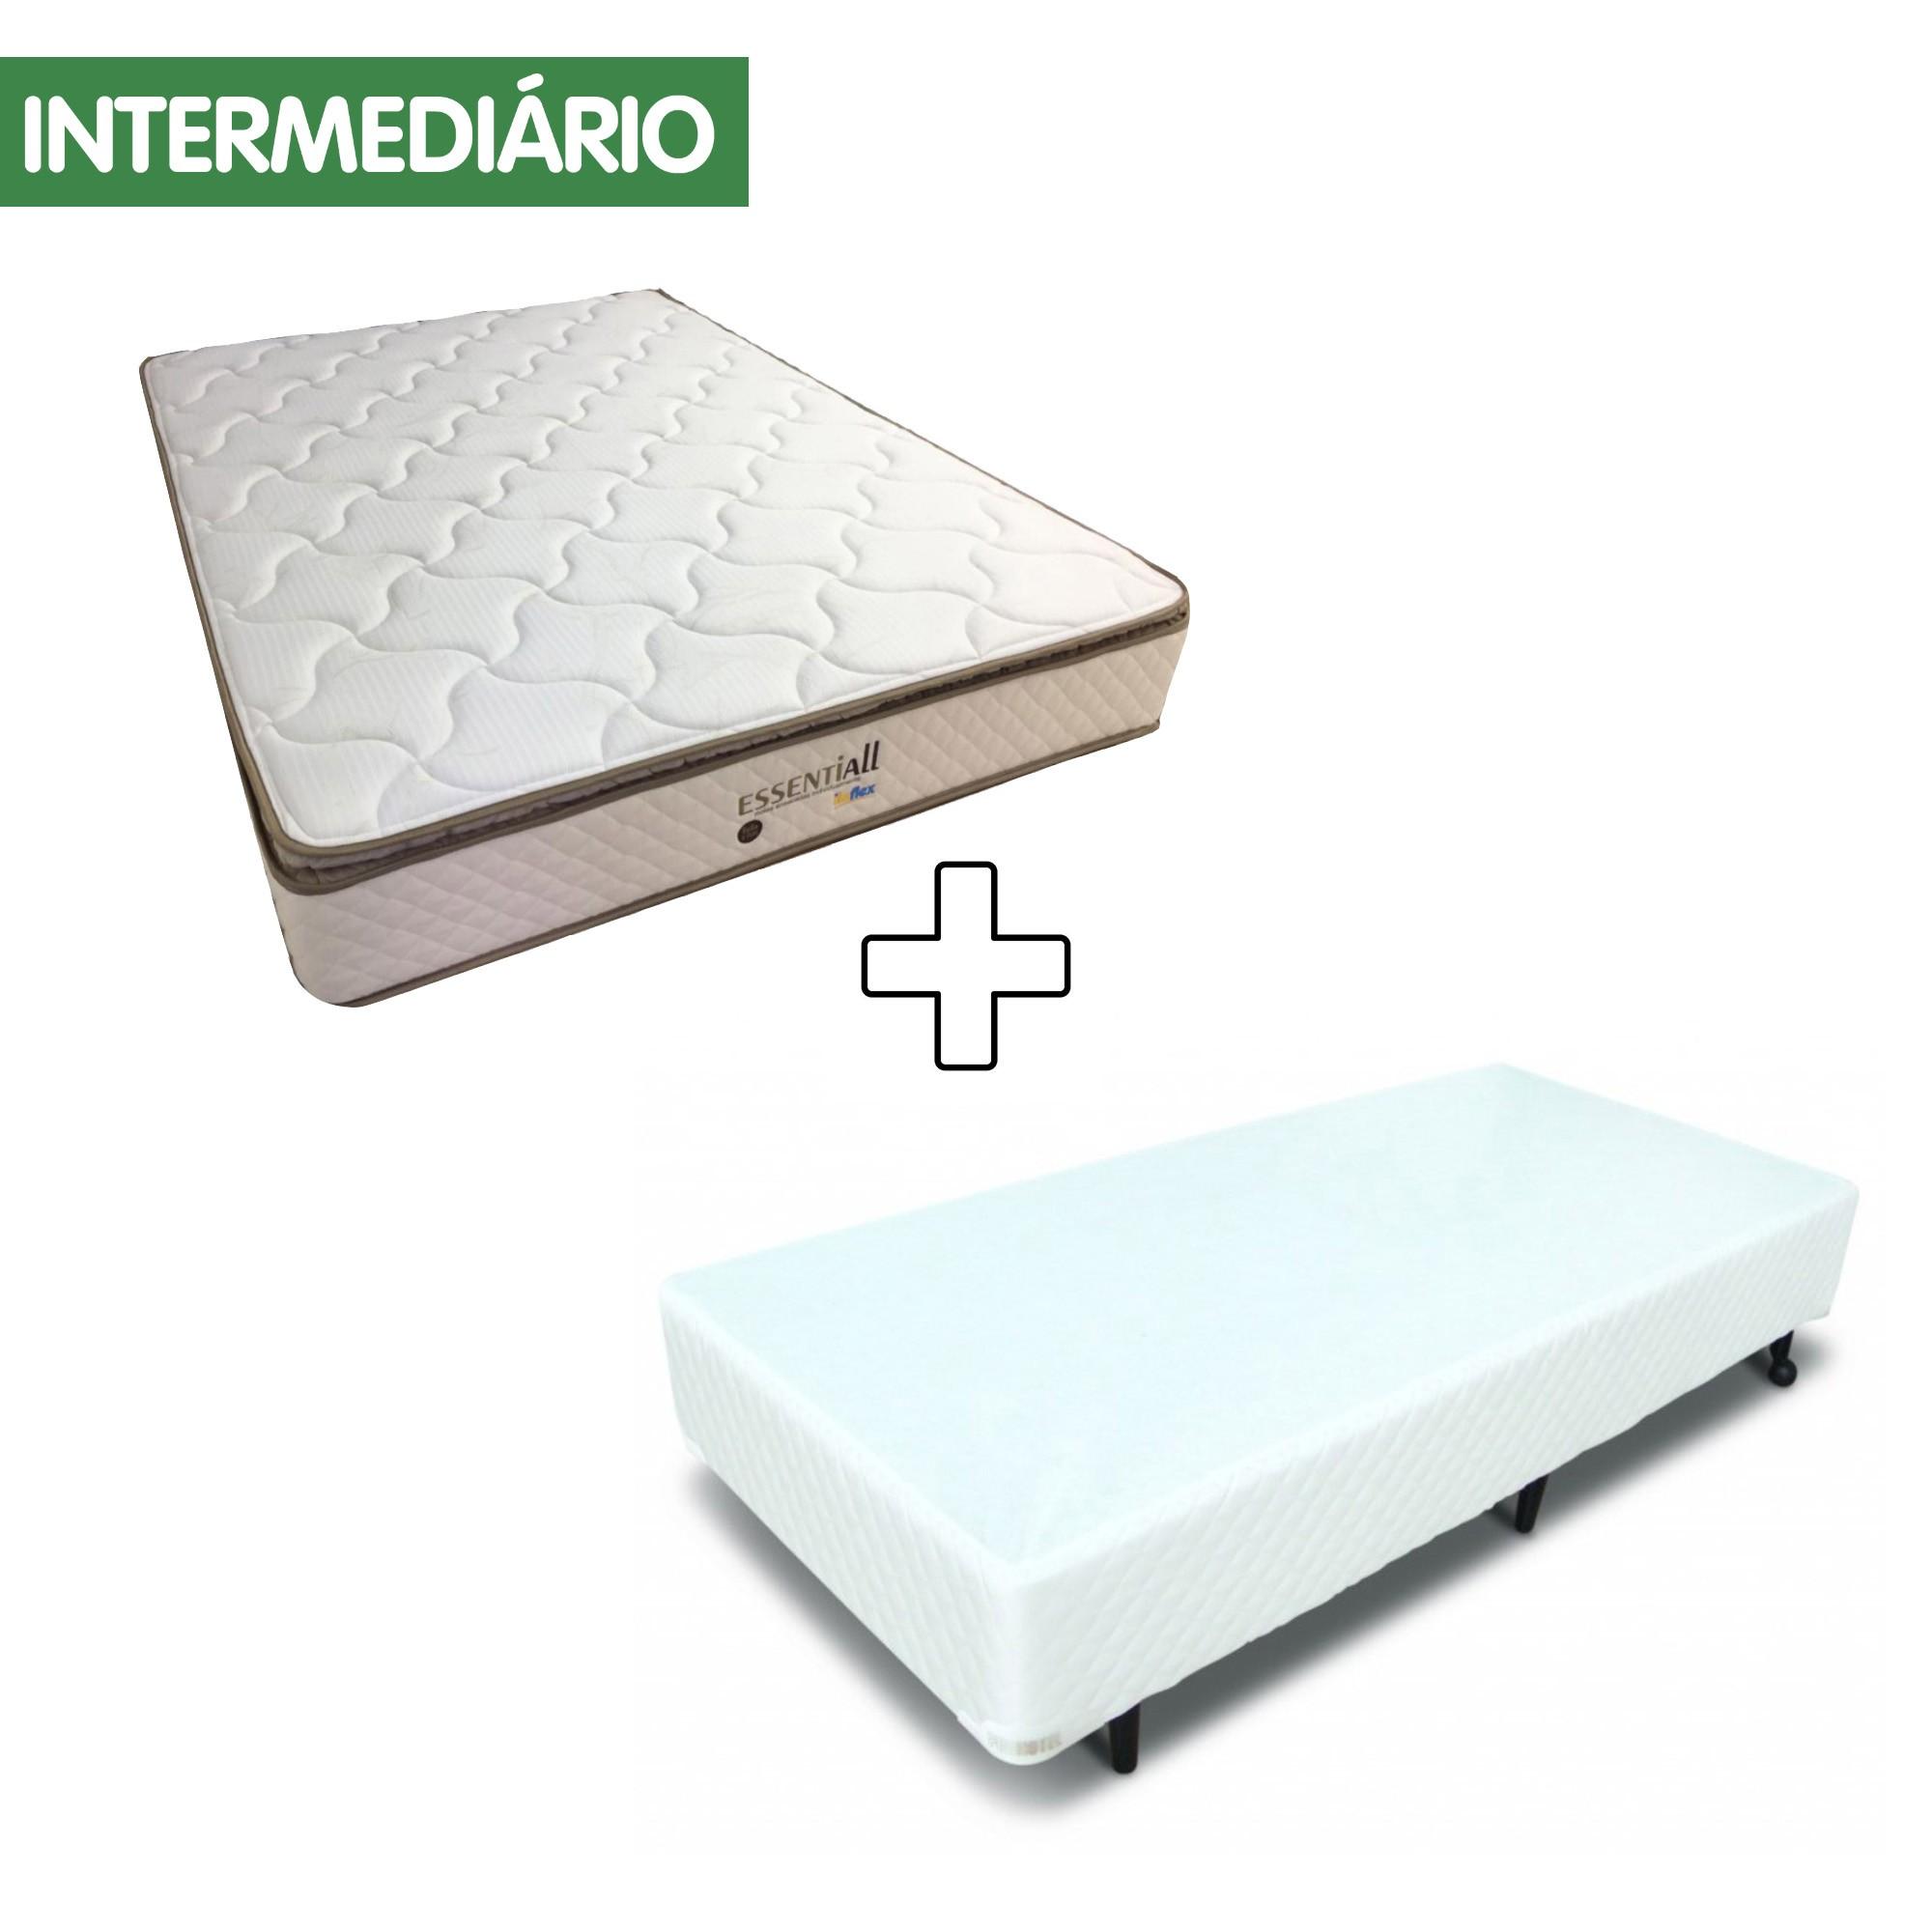 Conjunto Box MGA Itaflex Essentiall [Casal 138 x 188 cm]